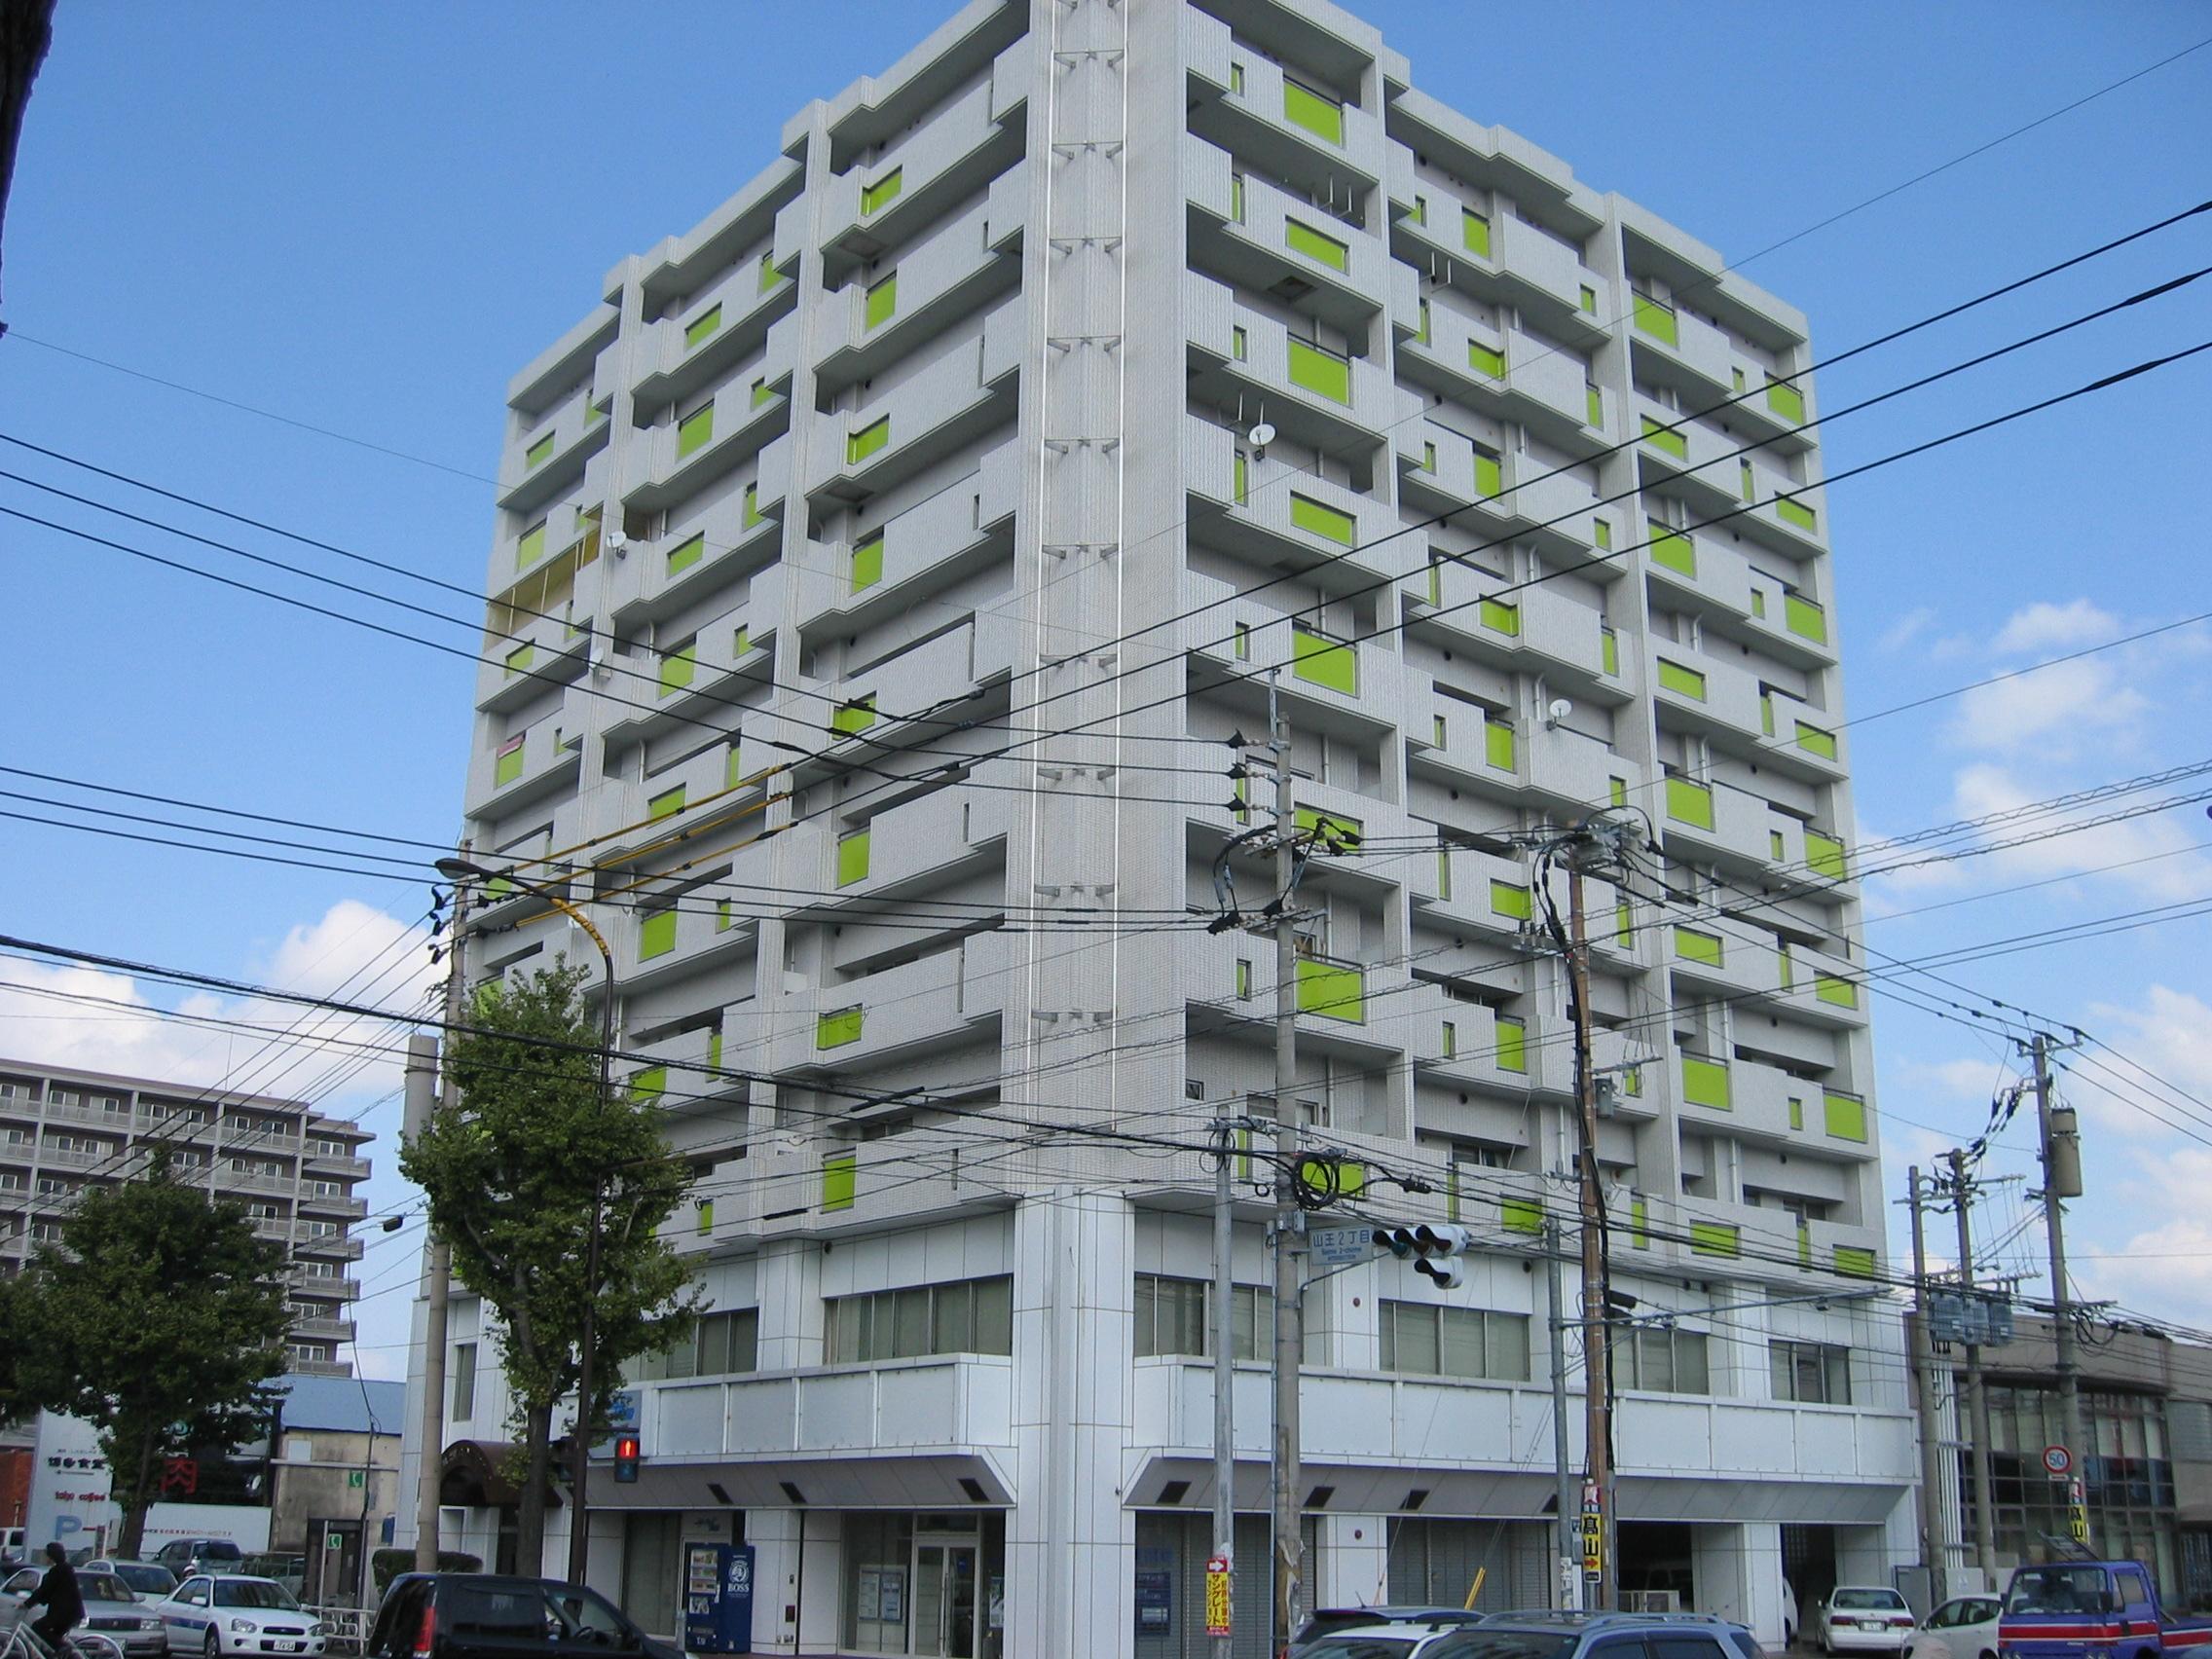 【事務所】博多区山王|筑紫通り沿い。2階事務所。